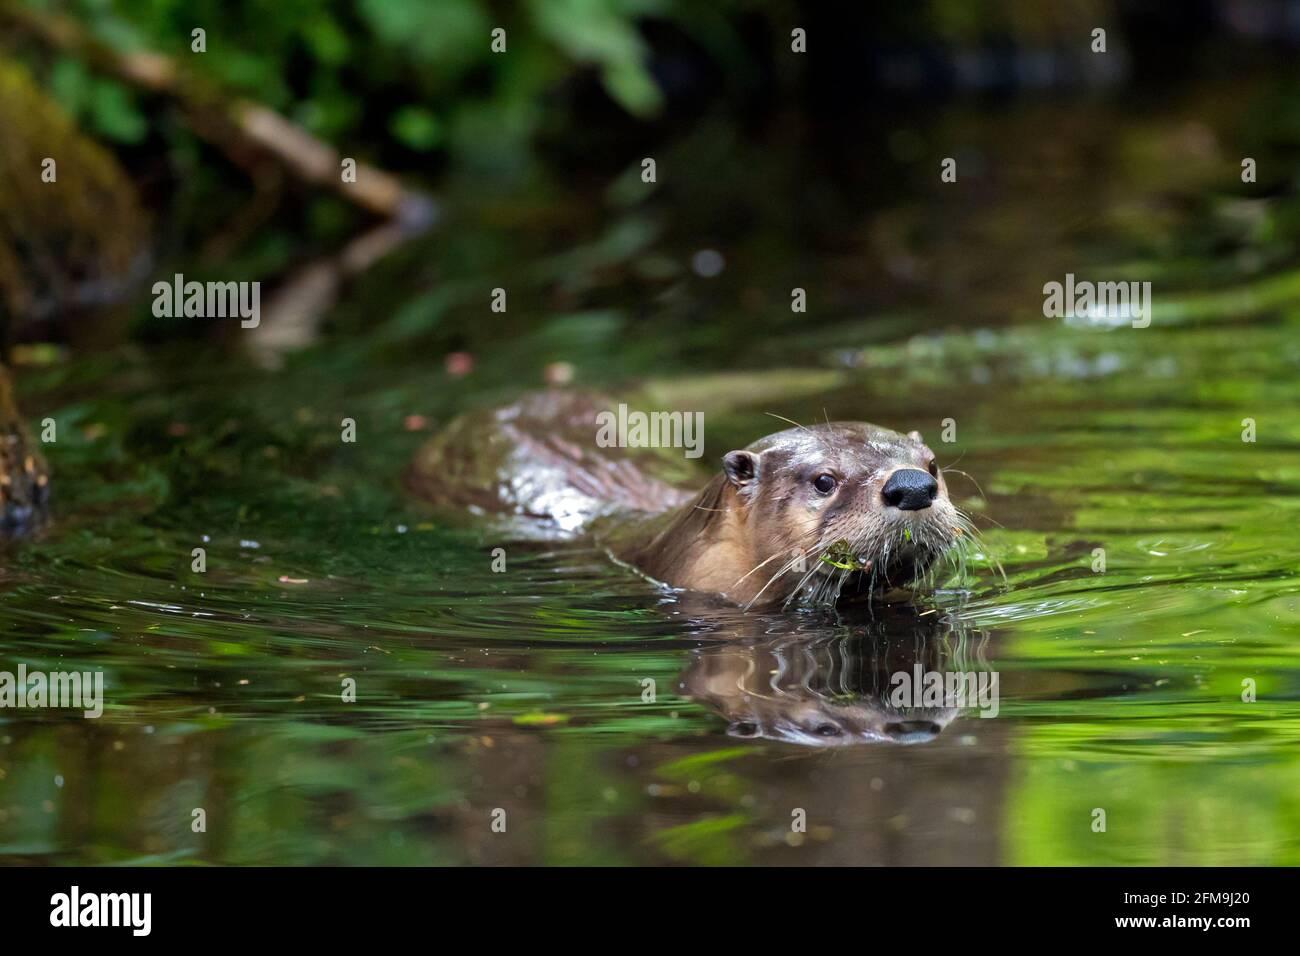 Loutre eurasien / loutre de rivière européen (Lutra lutra) natation dans l'eau de ruisseau / ruisseau dans la forêt dans ressort Banque D'Images